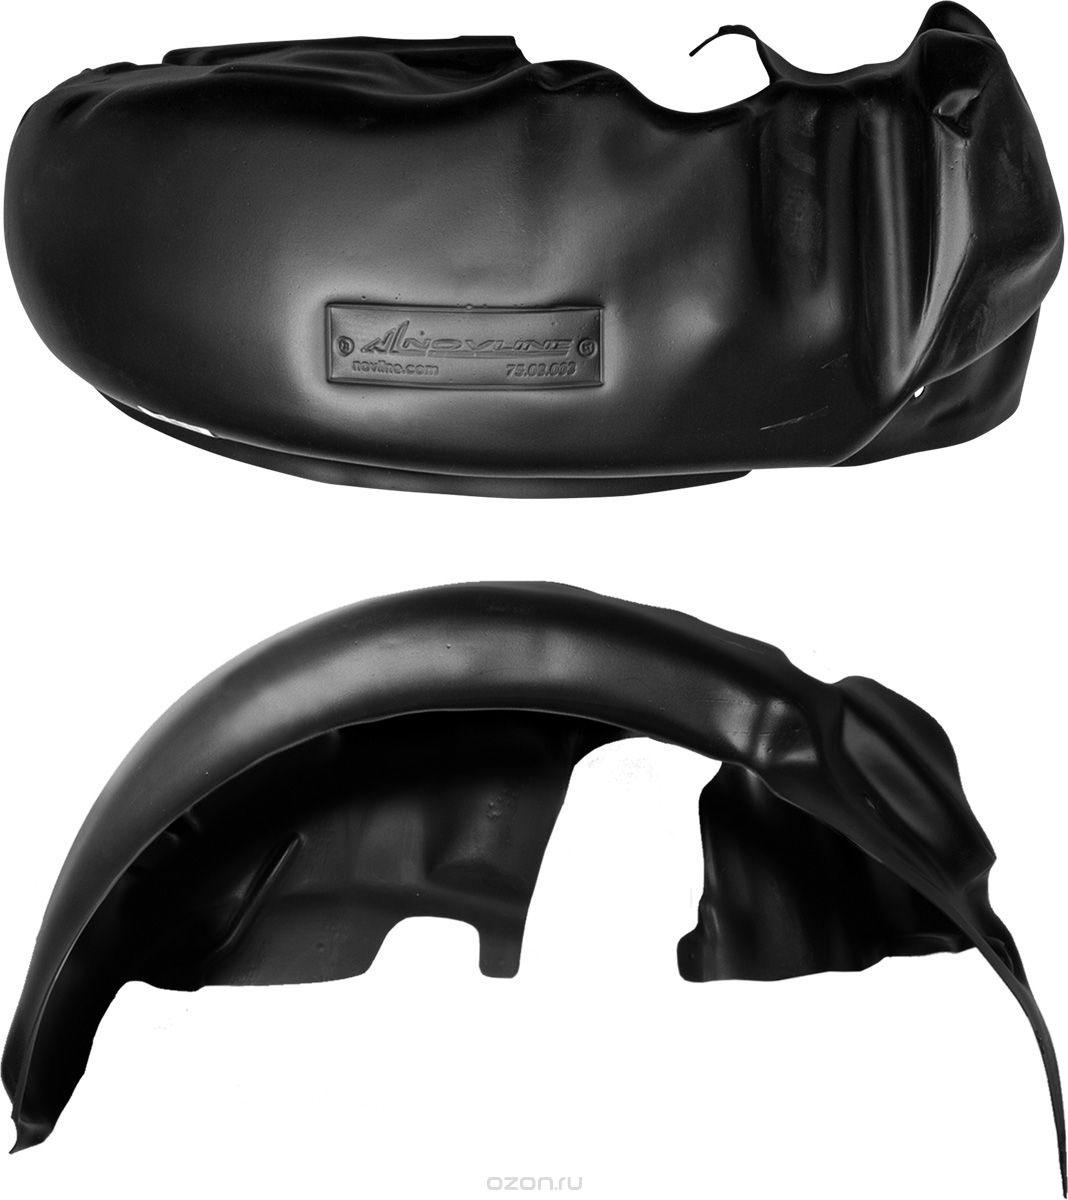 Подкрылок Novline-Autofamily, для GREAT WALL Hover M2, 2013->, задний левыйSATURN CANCARDИдеальная защита колесной ниши. Локеры разработаны с применением цифровых технологий, гарантируют максимальную повторяемость поверхности арки. Изделия устанавливаются без нарушения лакокрасочного покрытия автомобиля, каждый подкрылок комплектуется крепежом. Уважаемые клиенты, обращаем ваше внимание, что фотографии на подкрылки универсальные и не отражают реальную форму изделия. При этом само изделие идет точно под размер указанного автомобиля.